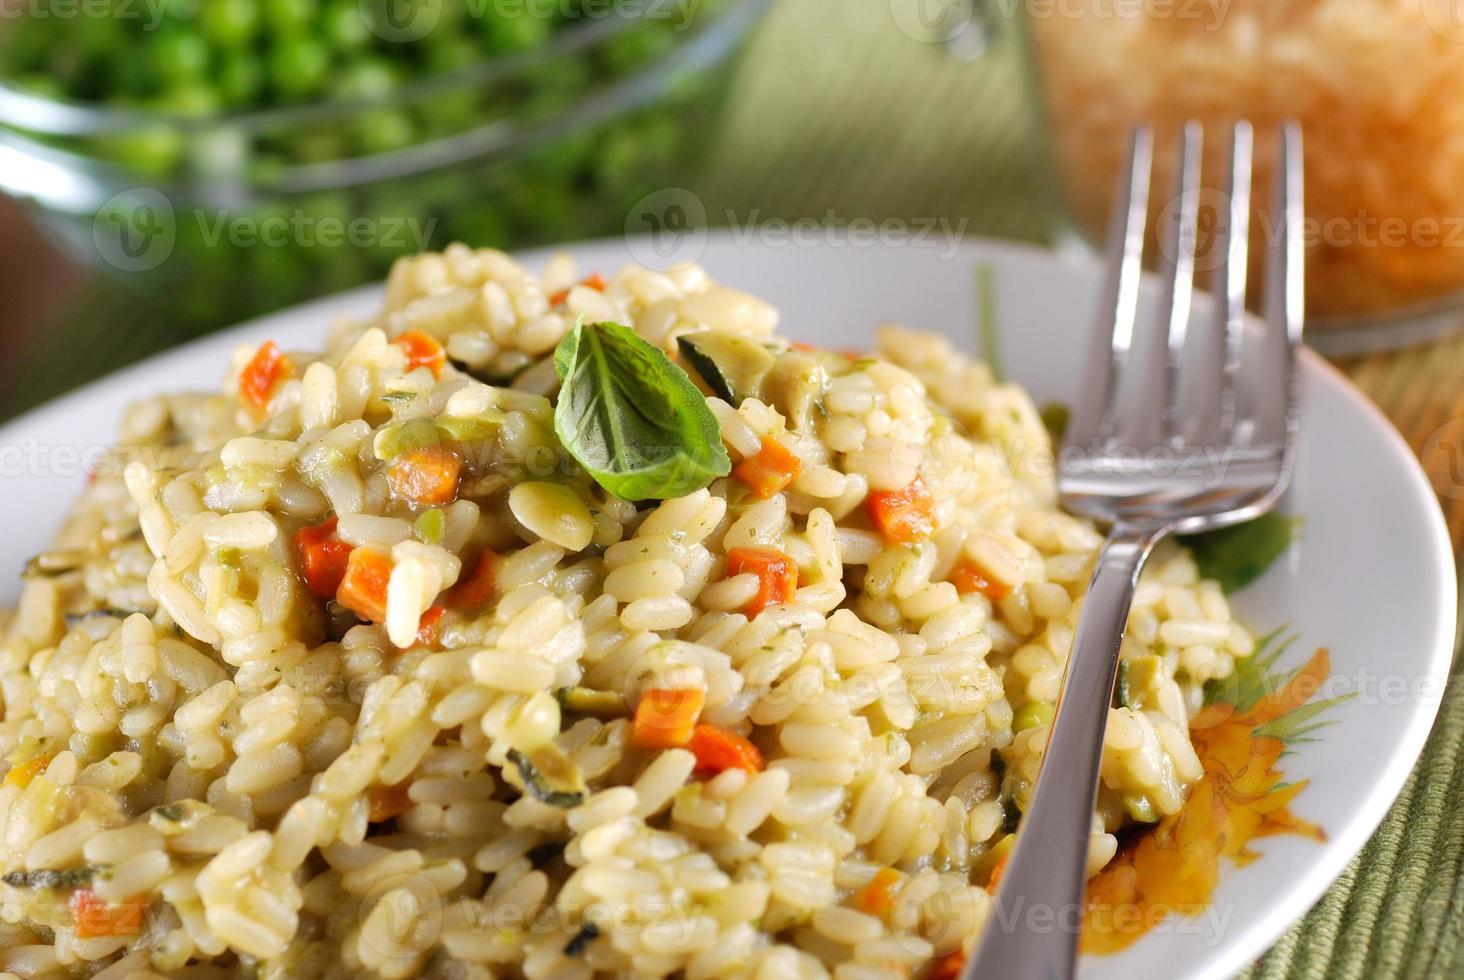 risotto con verdure assortite foto